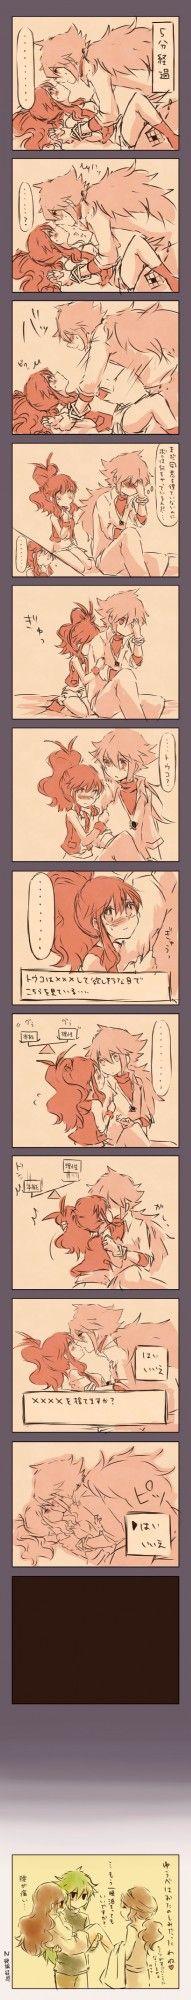 Kabocha Torute... Love I // Pkm Pokemon N Kiss Ecchi